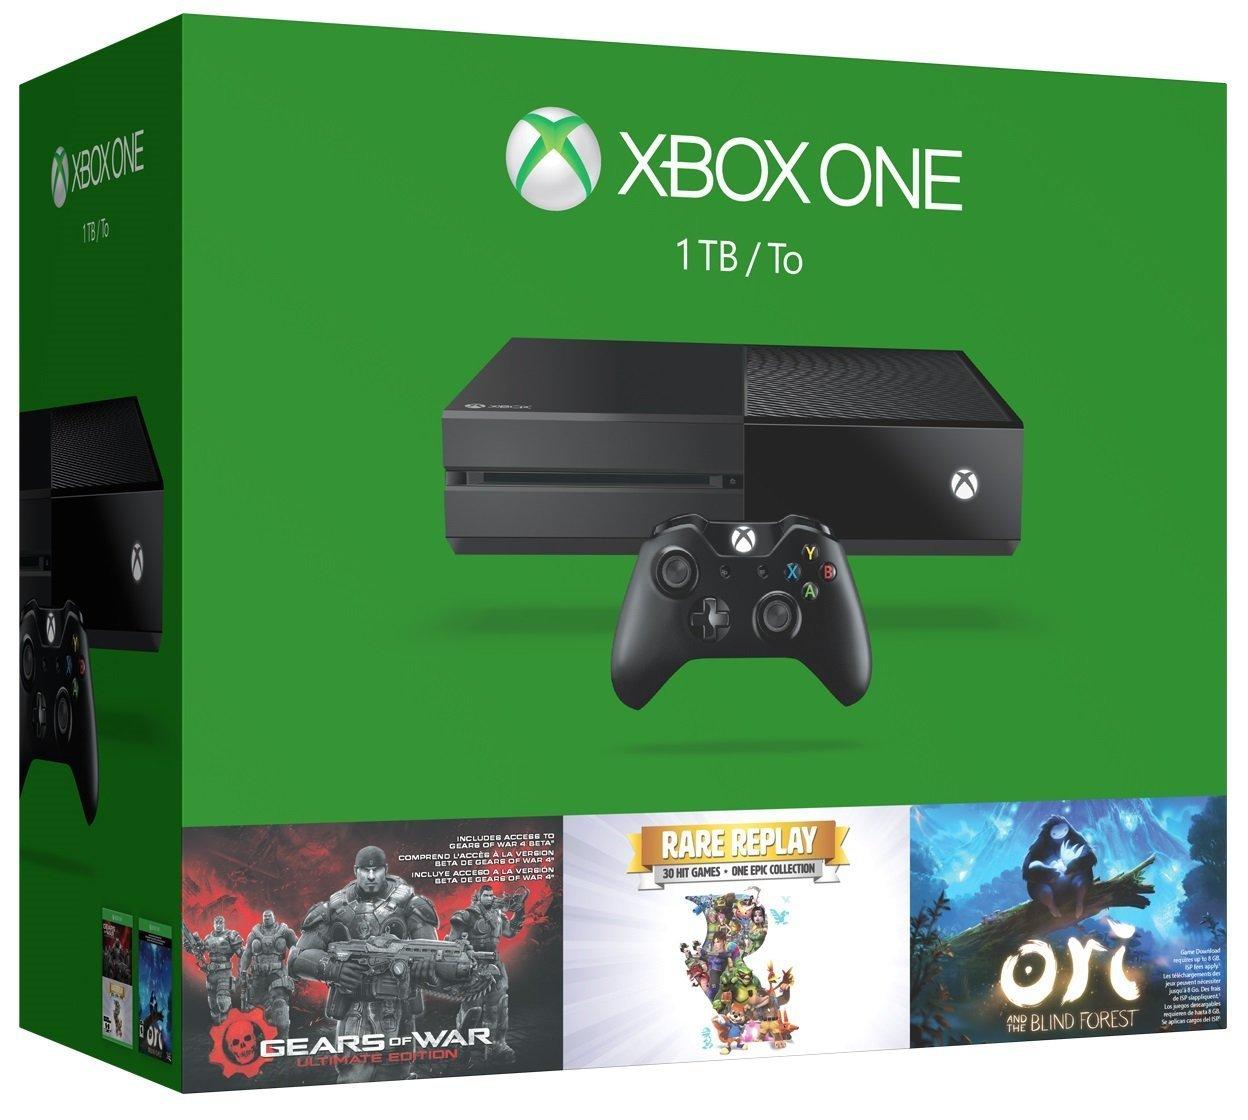 сэр Макс Фрай и его новый огромный черный зверь по имени Xbox One!. - Изображение 1